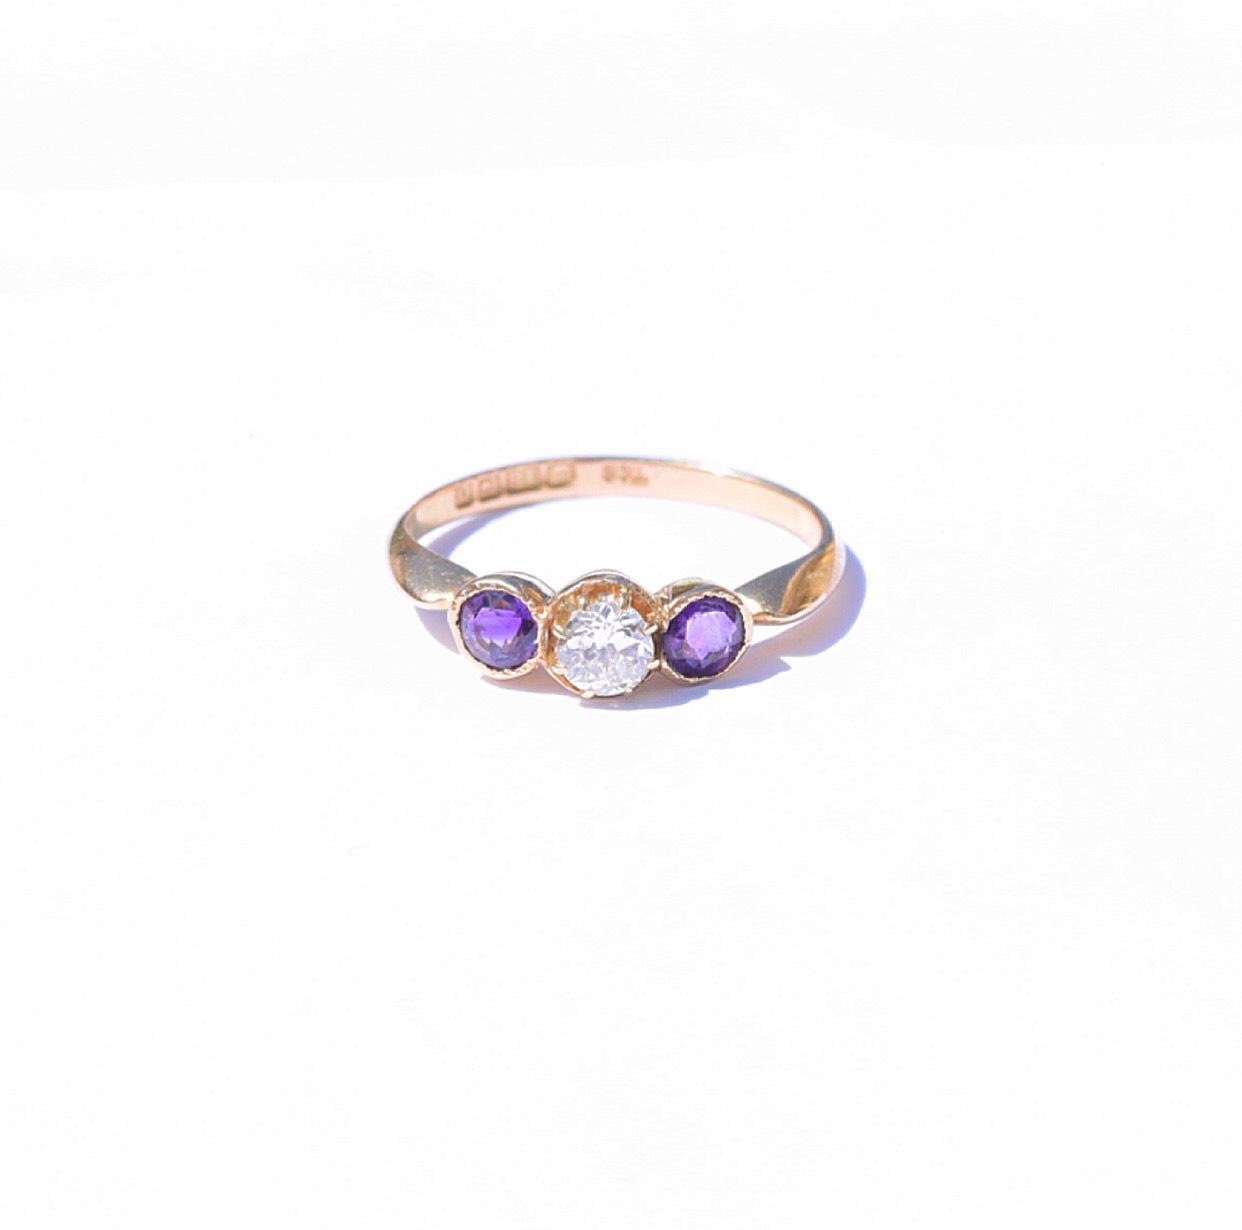 טבעת 2 אמטיסט ויהלום